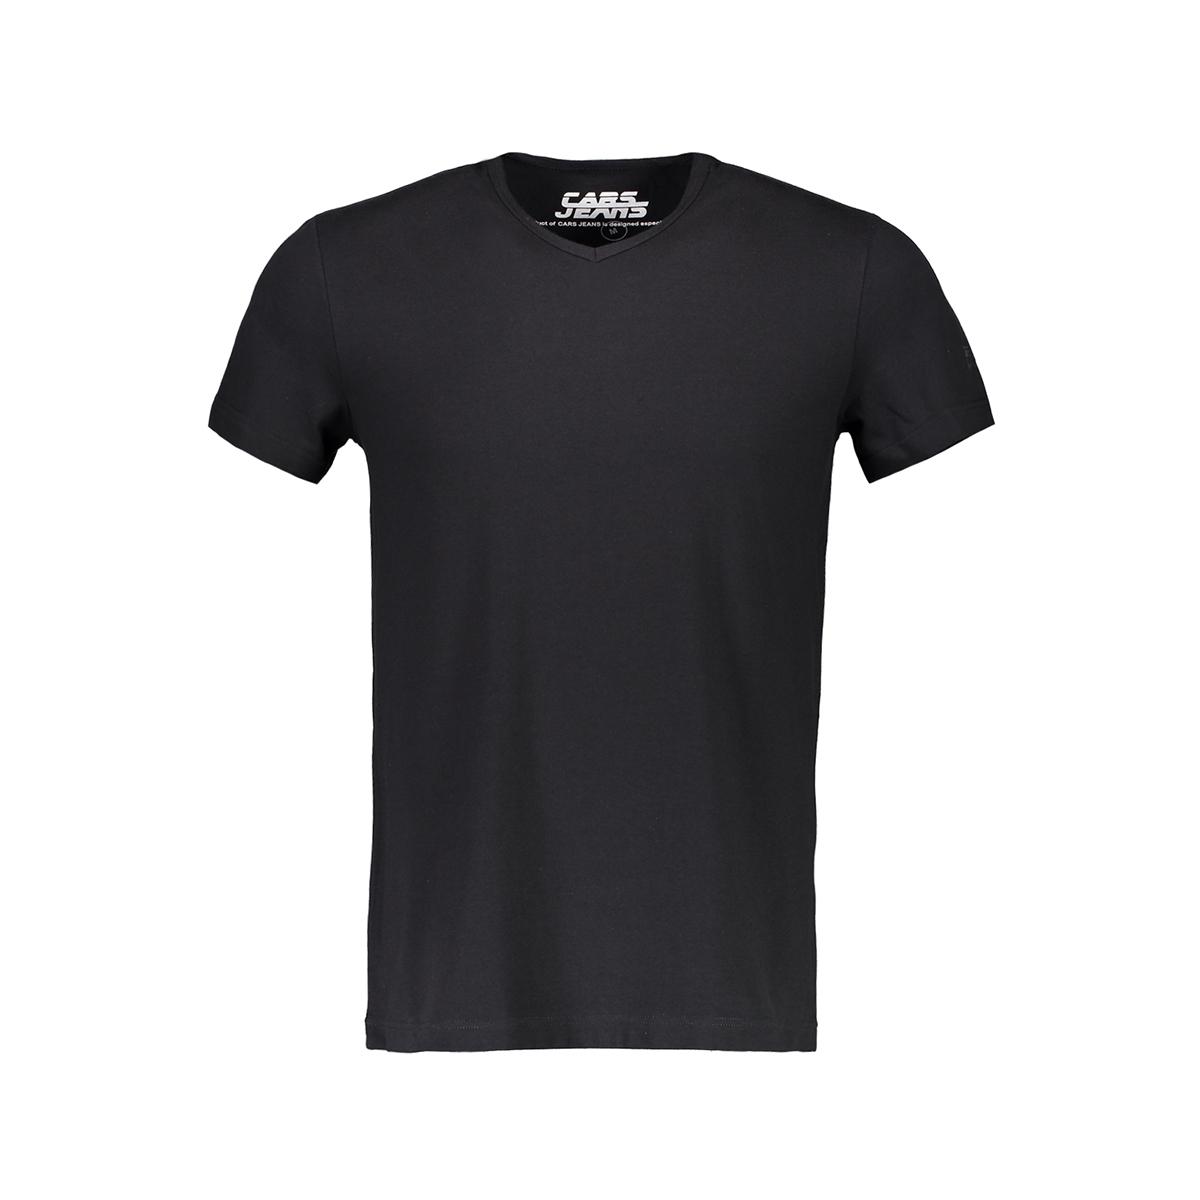 vick 61432 cars t-shirt 01 black